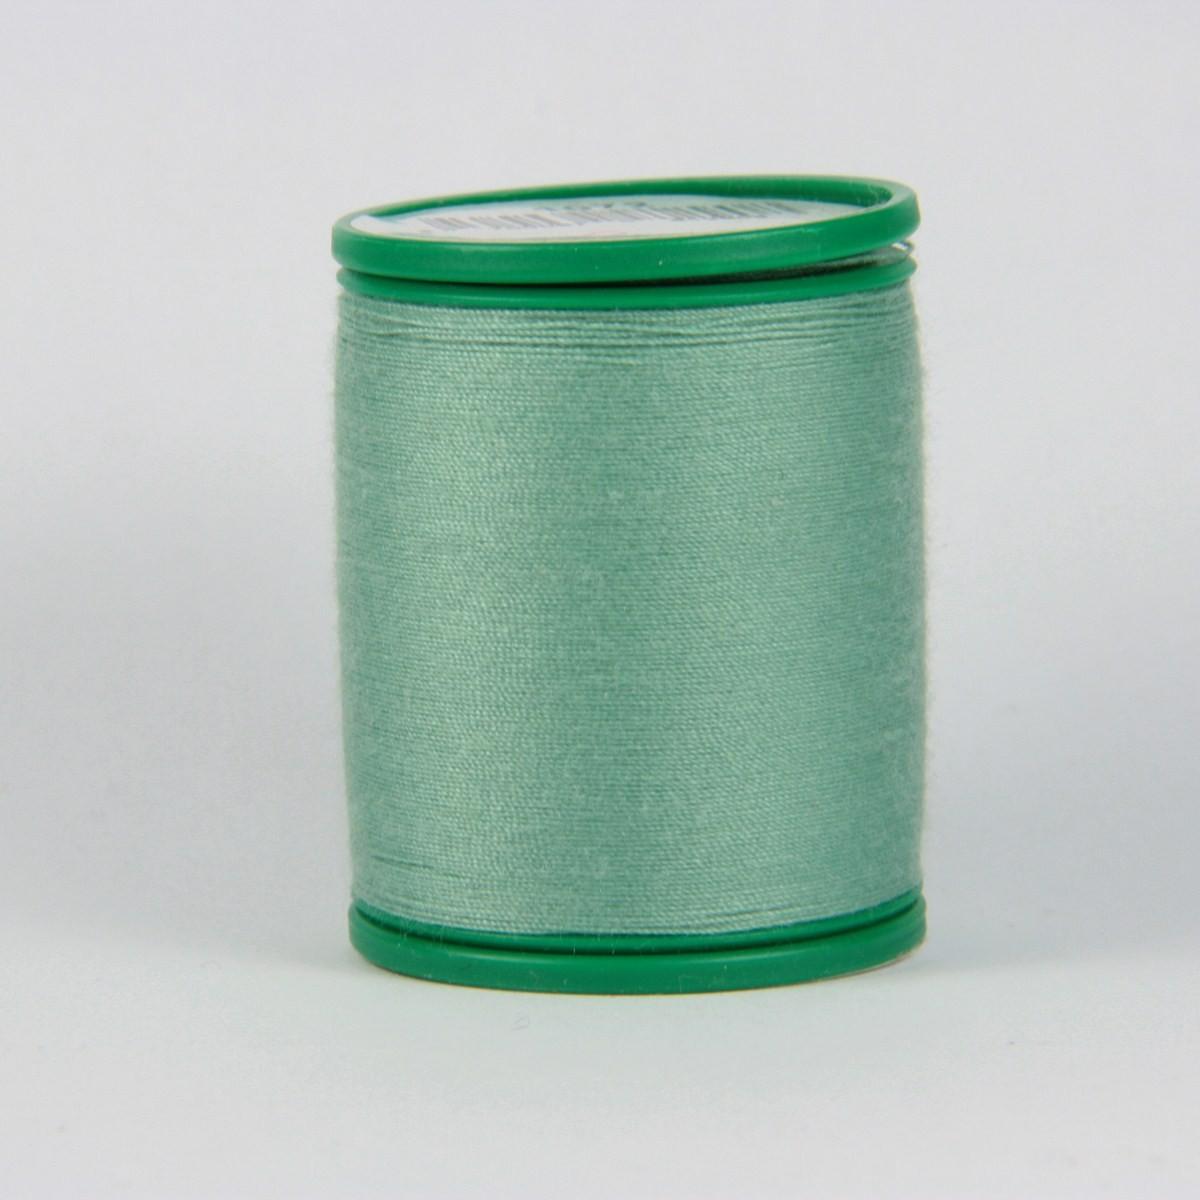 Fil à coudre résistant vert amande 1072